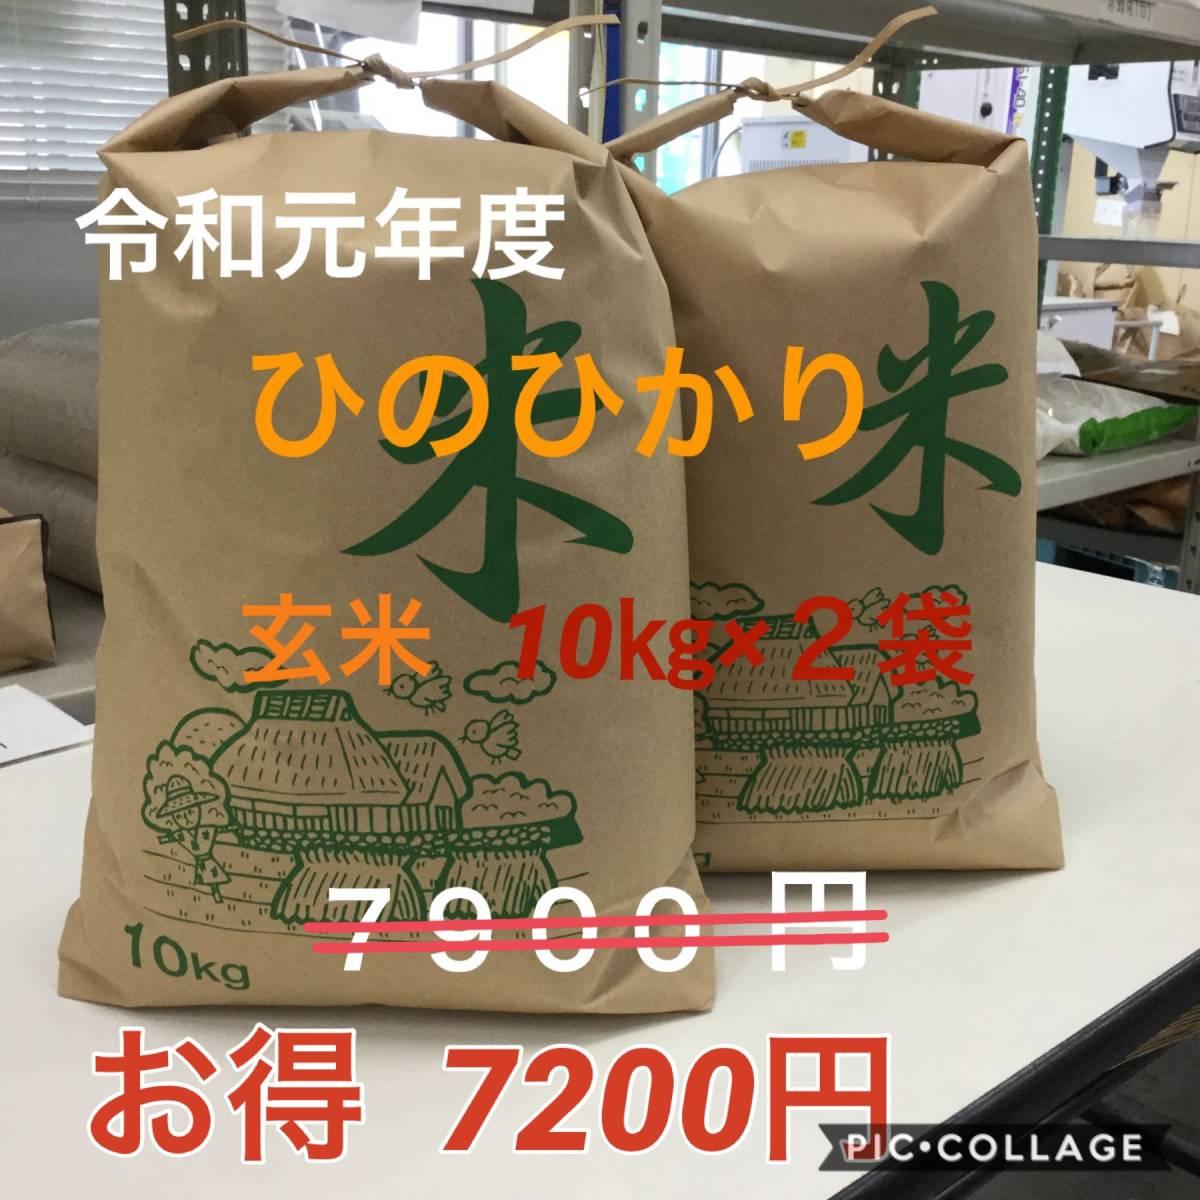 令和元年度 ひのひかり 玄米10㎏×2袋 もちもち 生産者直送_画像1